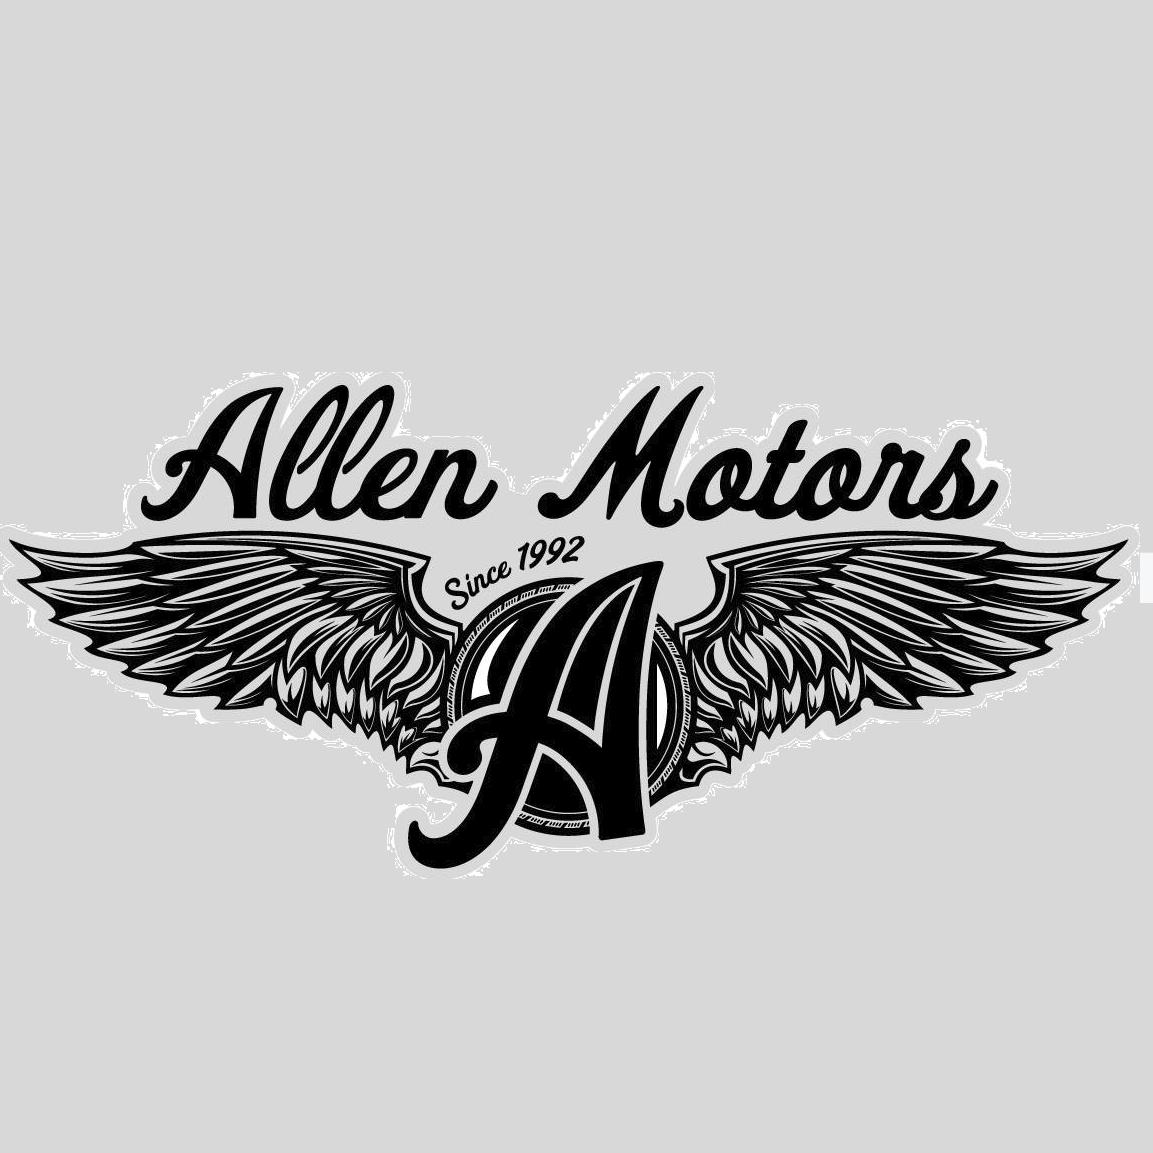 Allen Motors